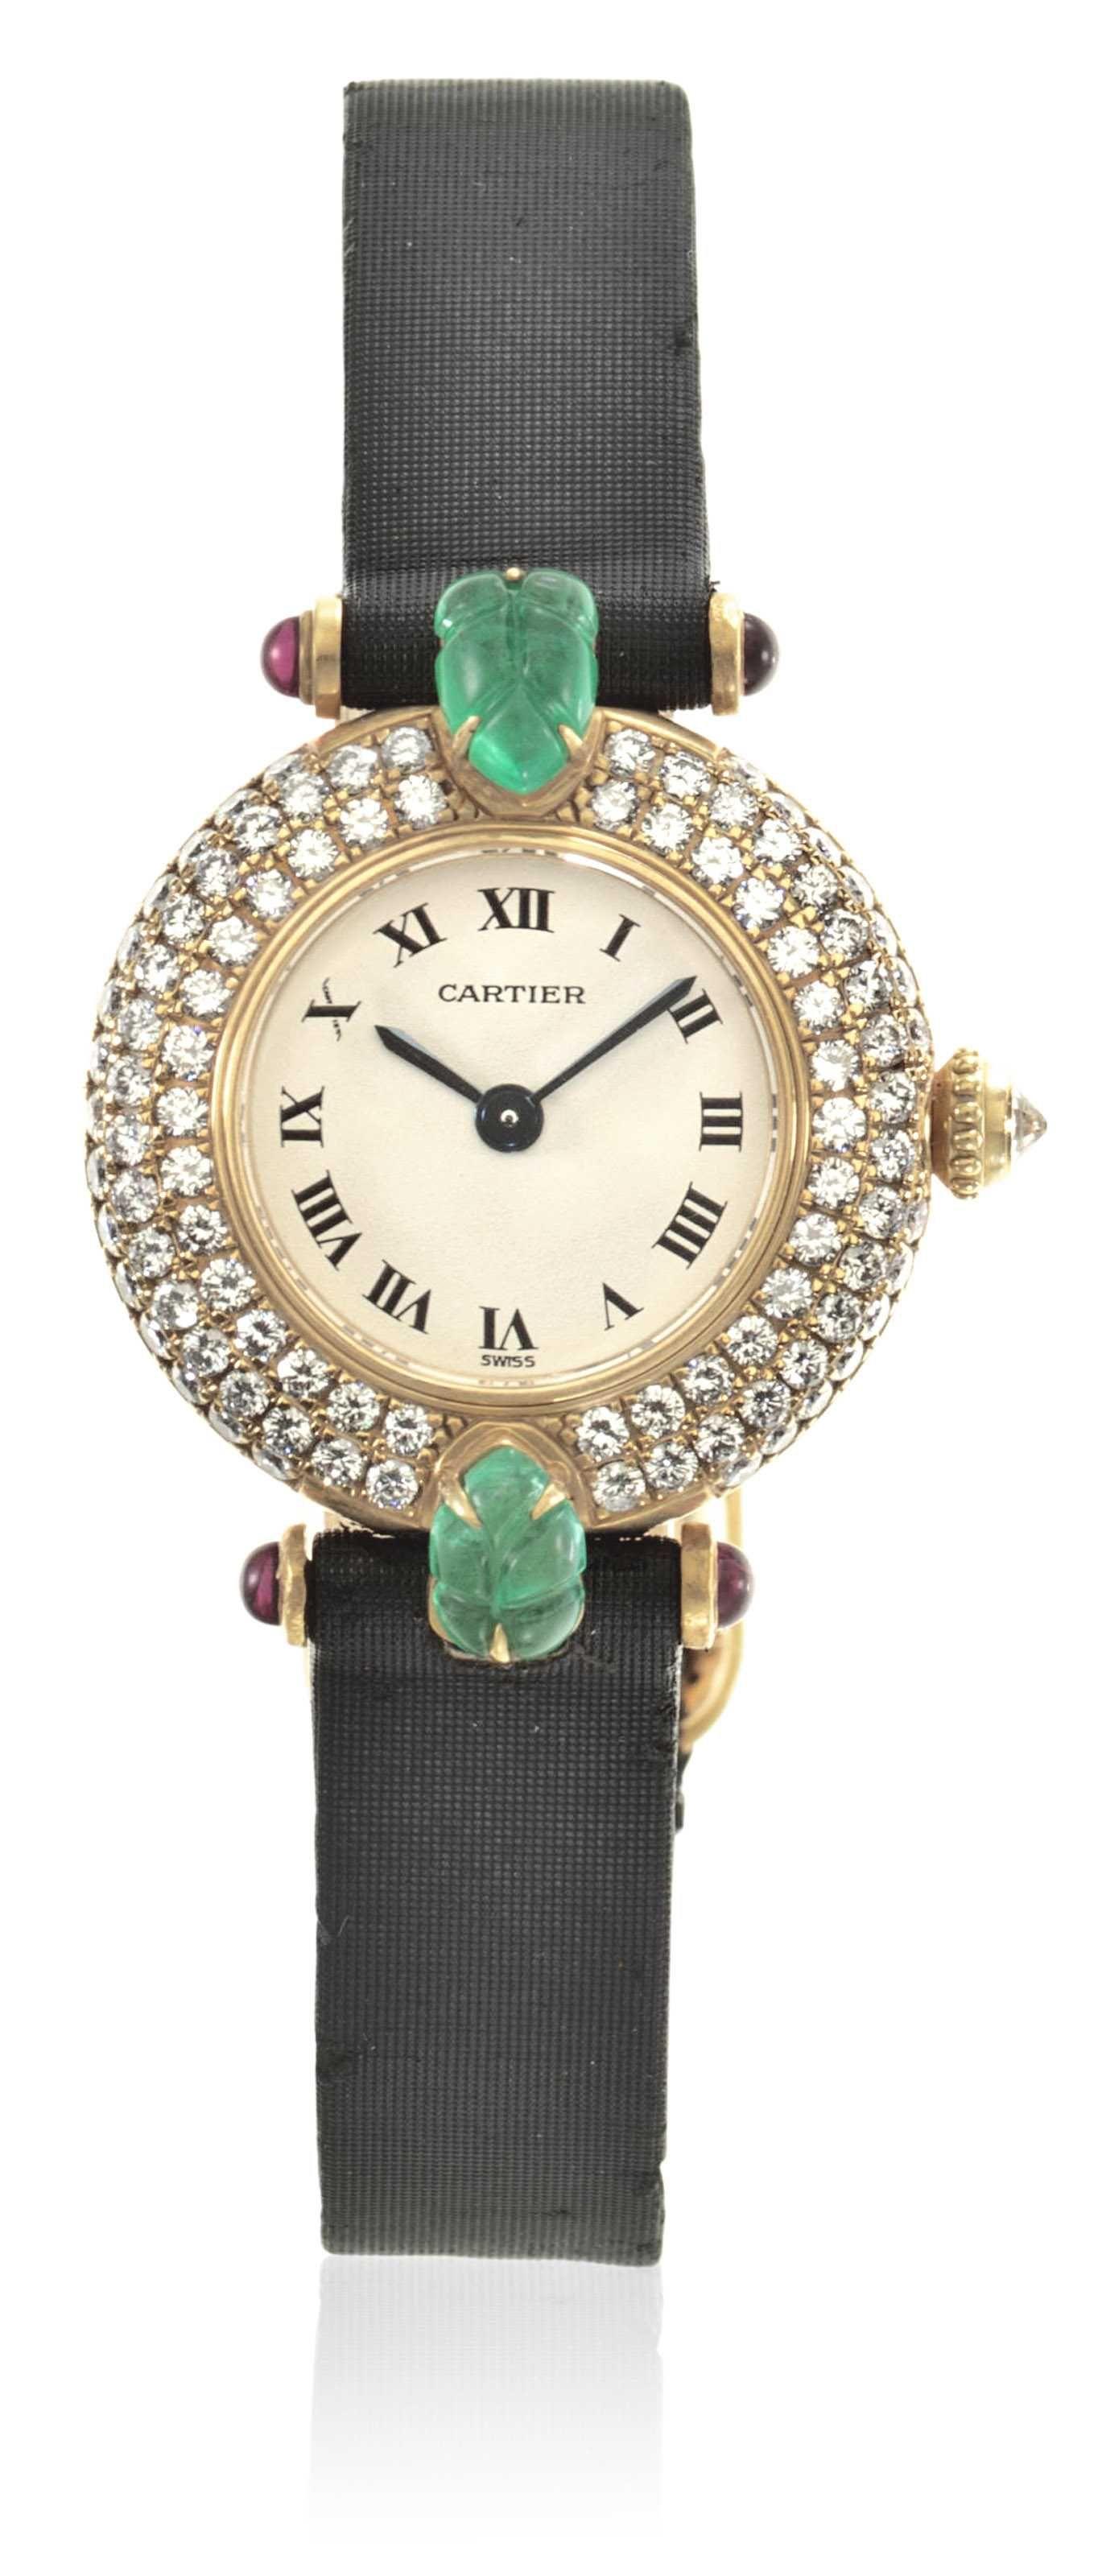 GEM-SET AND DIAMOND WRISTWATCH BY CARTIER Christie's Christie's Jewels online